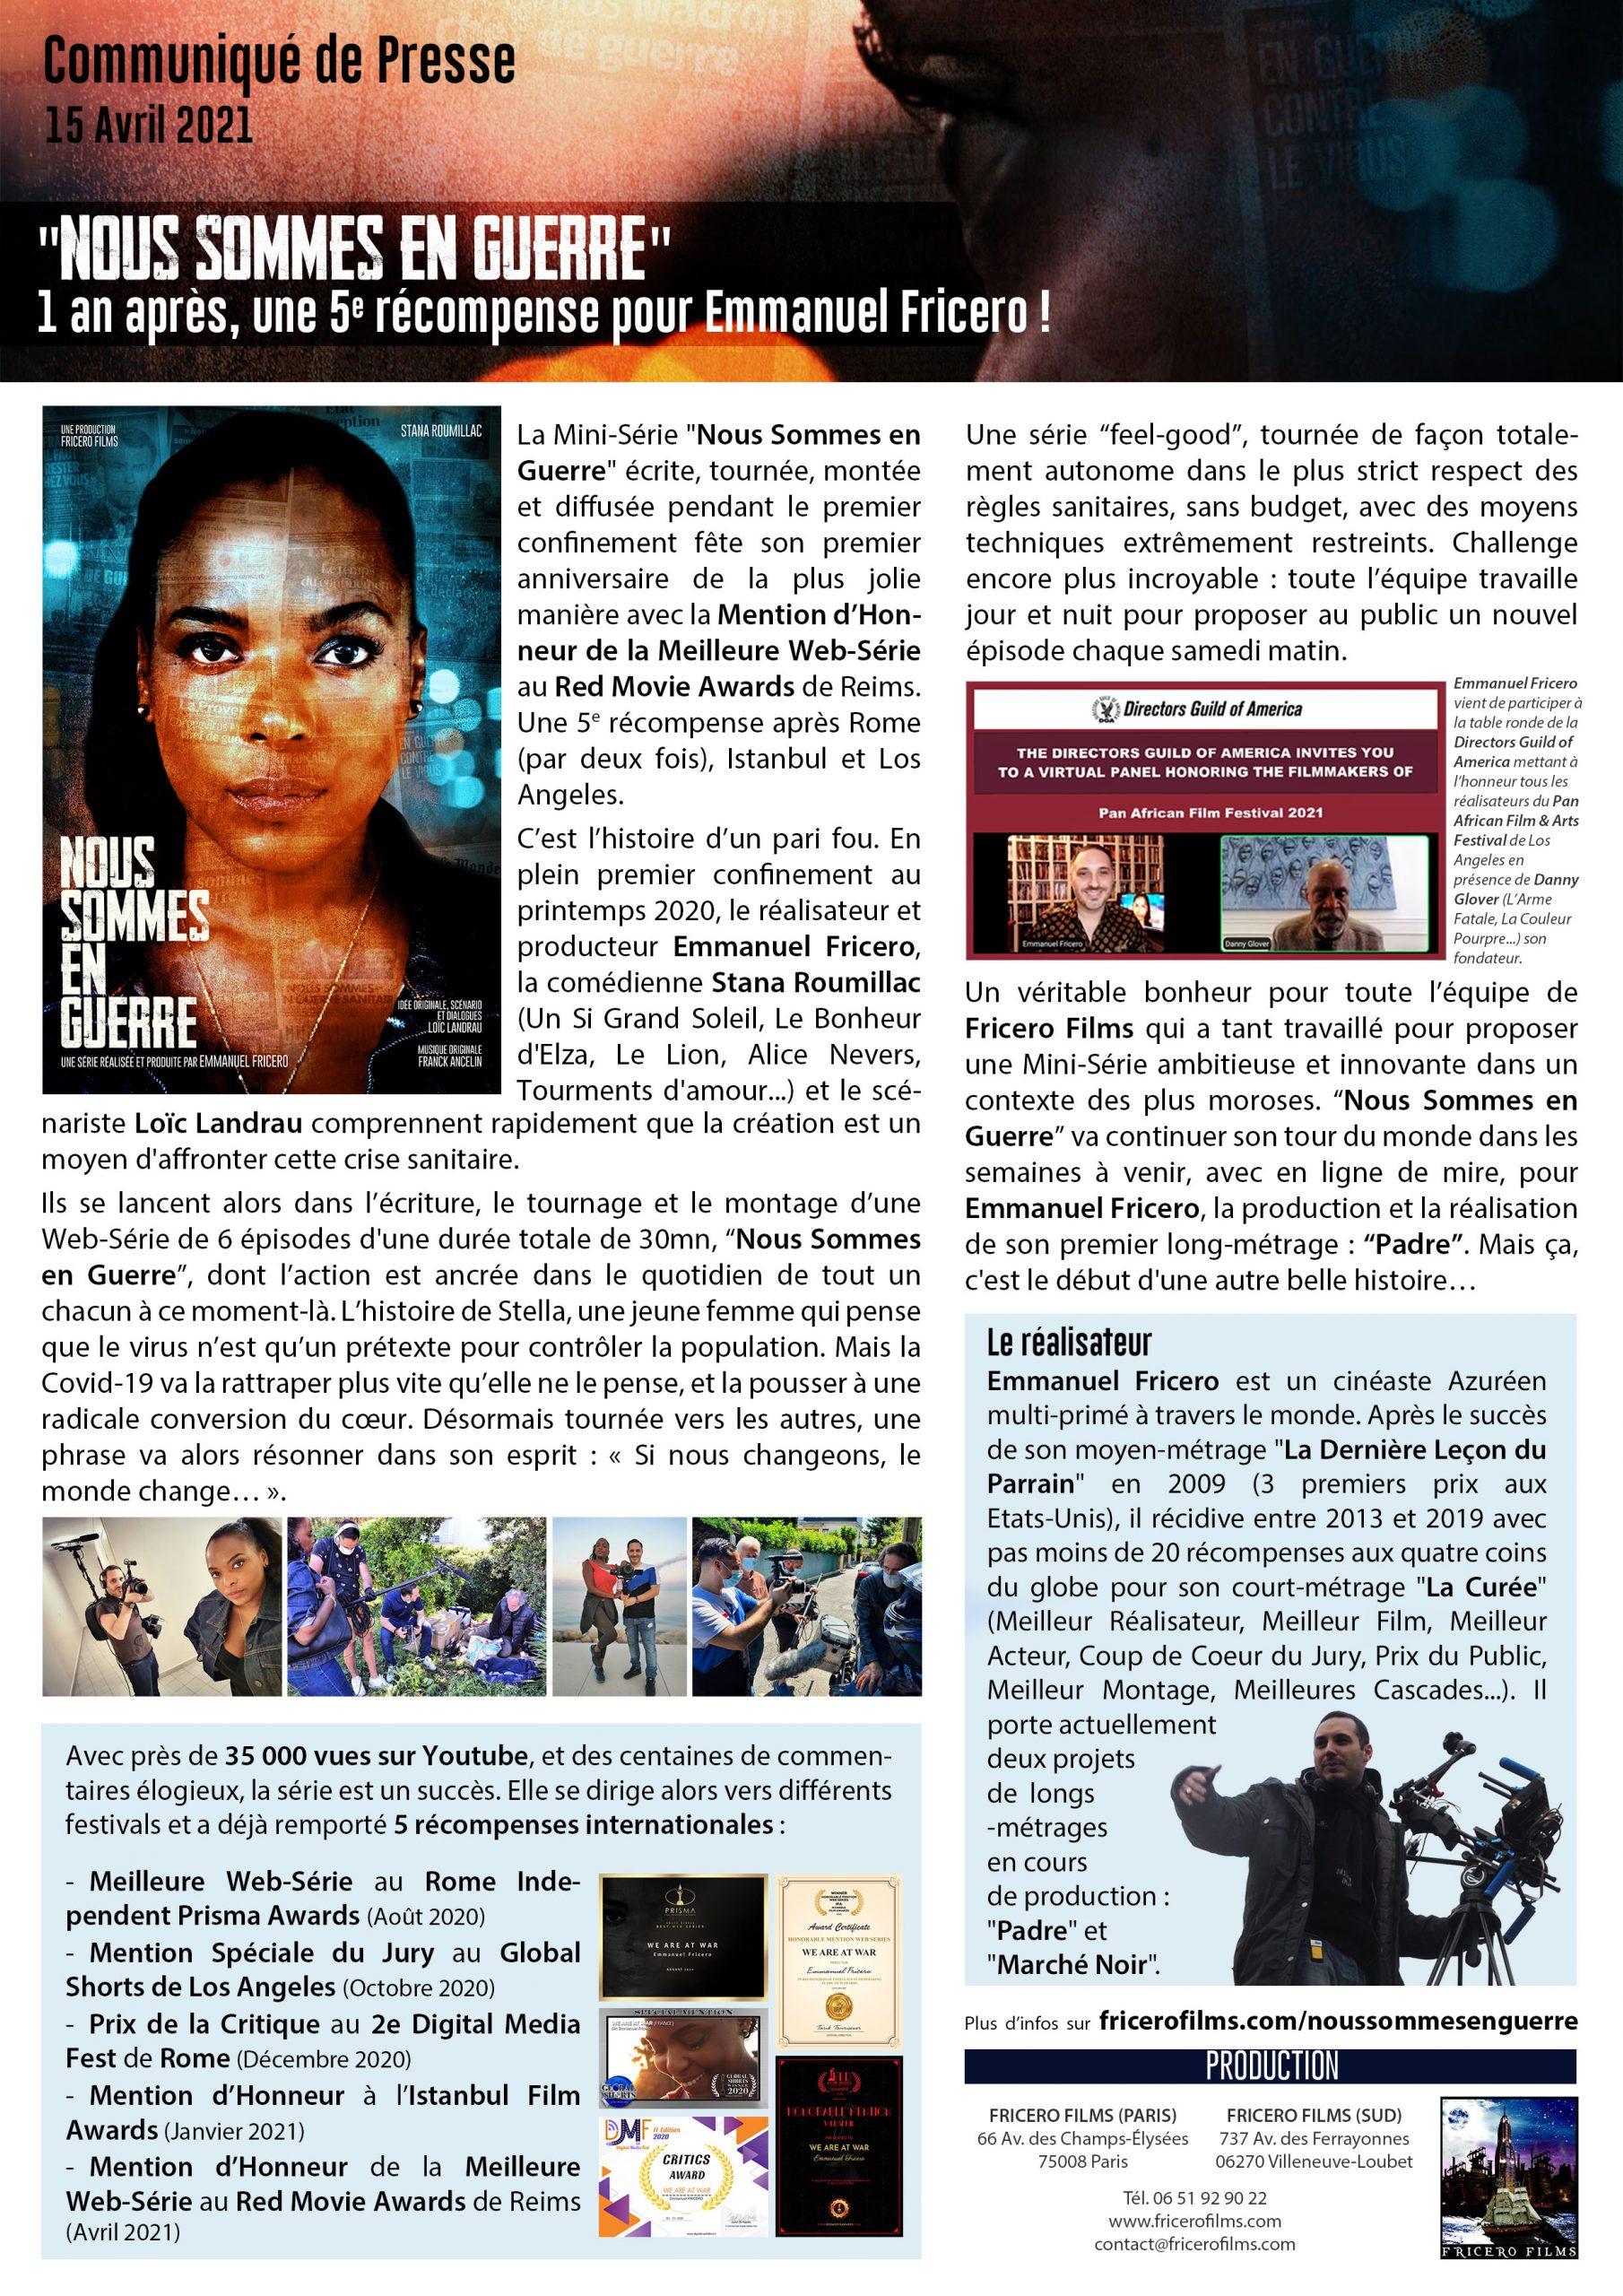 Communiqué de presse 15 avril 2020 - 1 an après 5e récompense pour Emmanuel Fricero